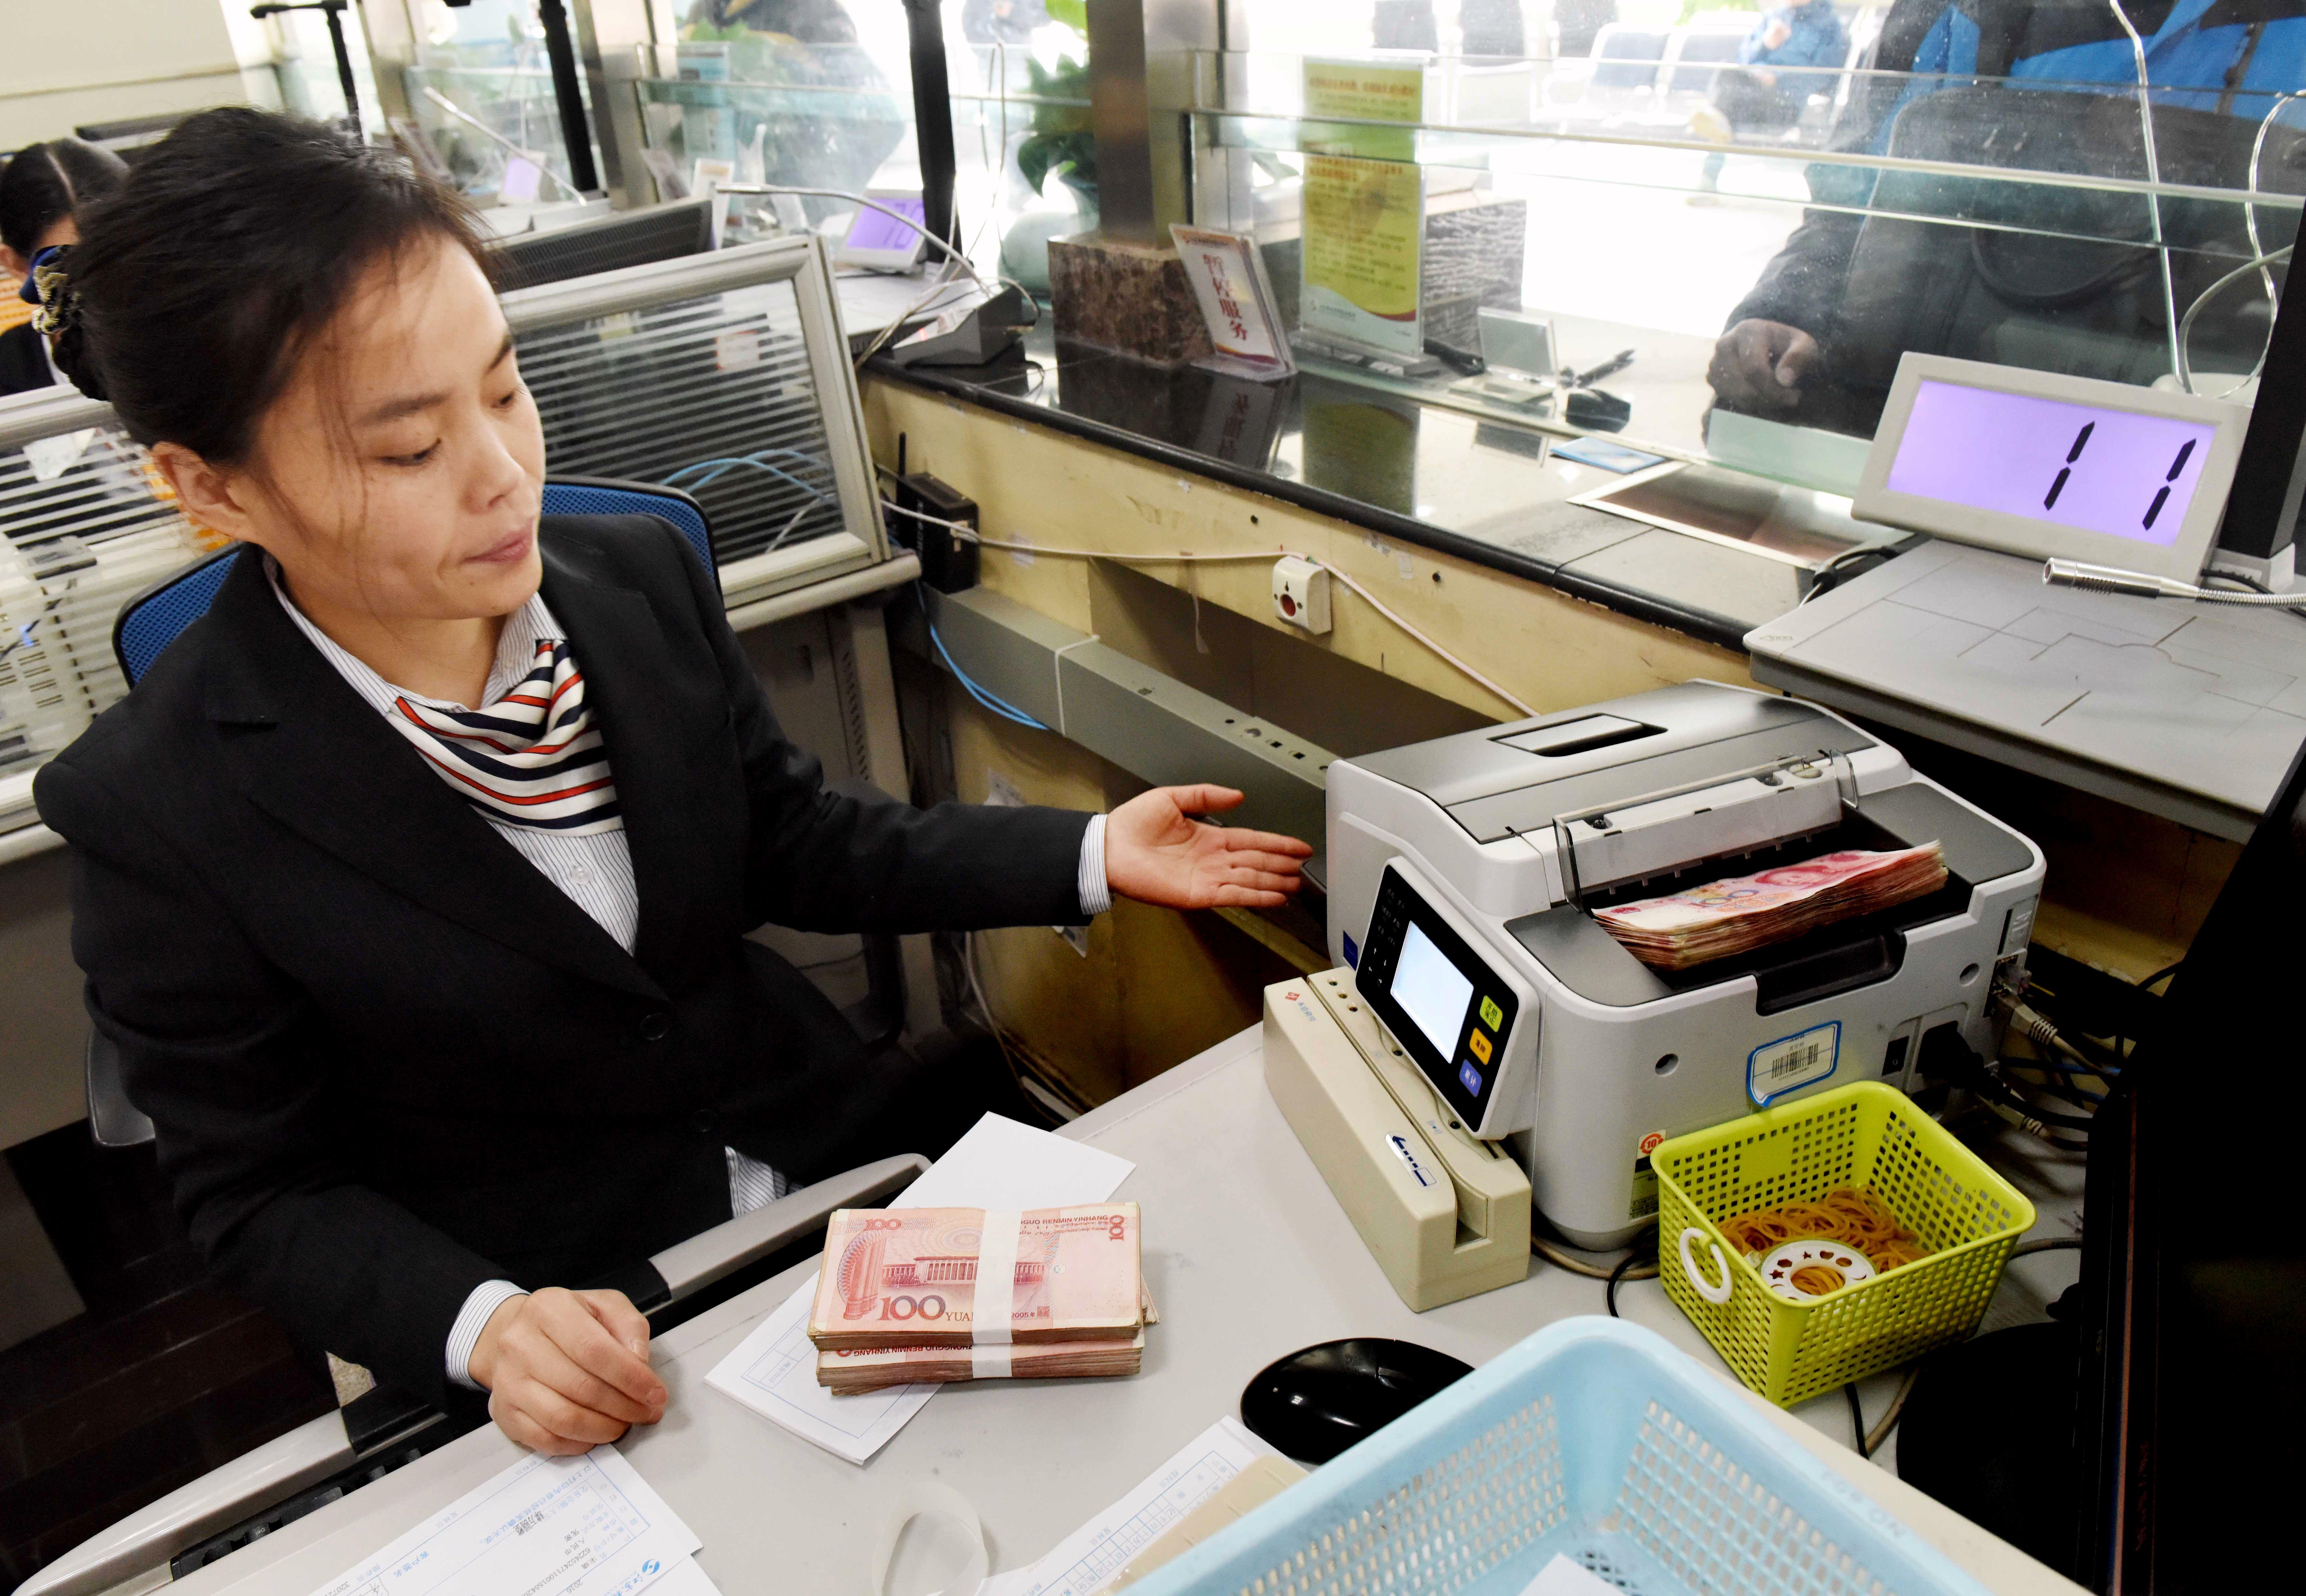 報告:中共減債舉措致中小企業難融資